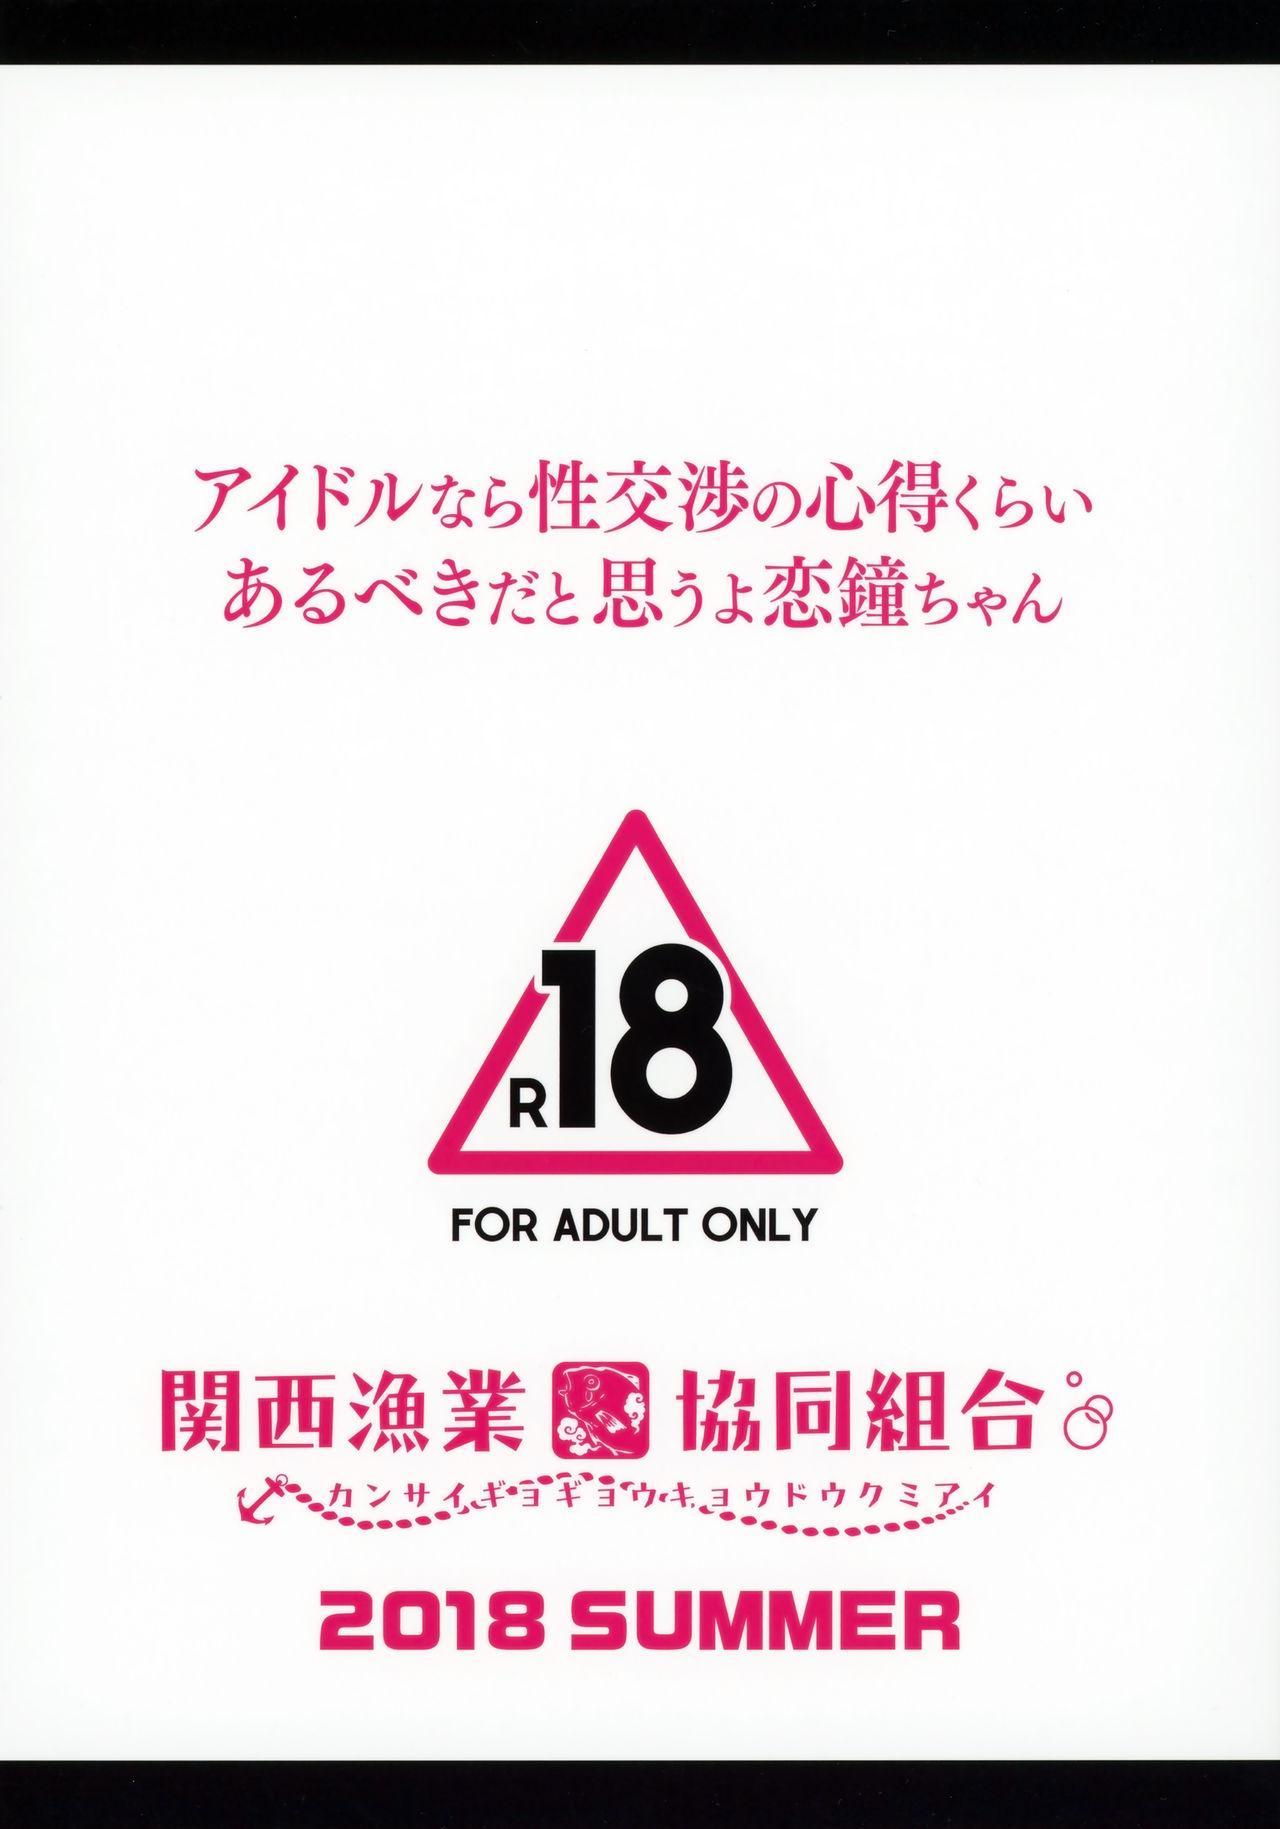 Idol Nara Seikoushou No Kokoroe Kurai Arubeki Dato Omouyo Kogane Chan 20